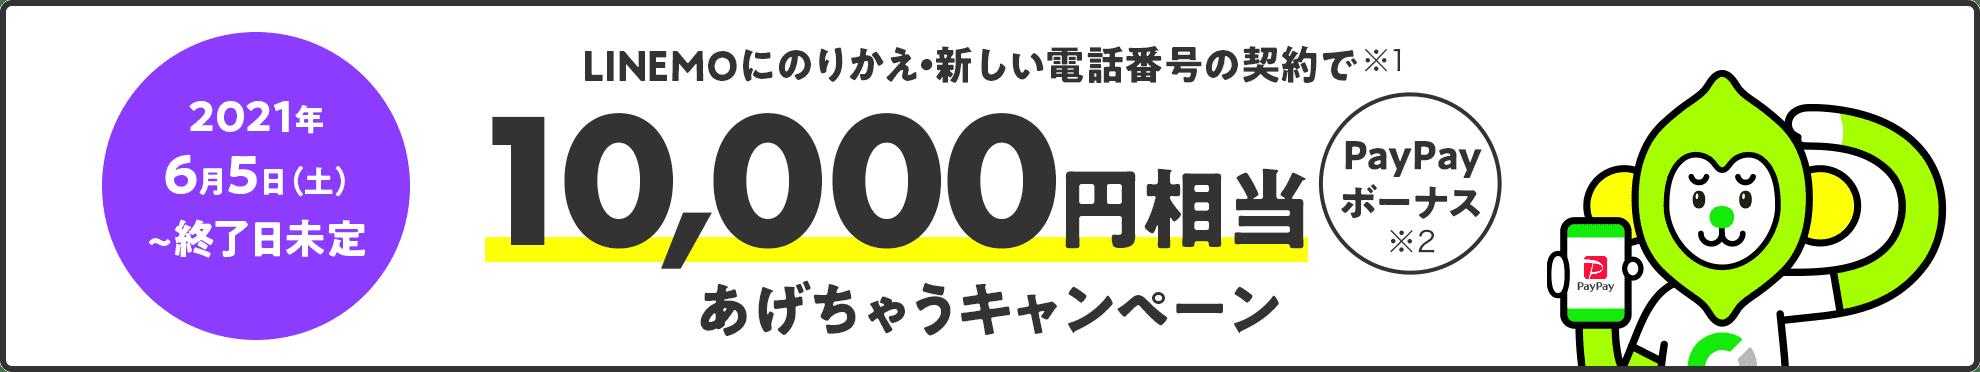 2021年6月5日(土)~終了日未定 LINEMOにのりかえ・新しい電話番号の契約で(※1) PayPayボーナス(※2)10,000円相当あげちゃうキャンペーン